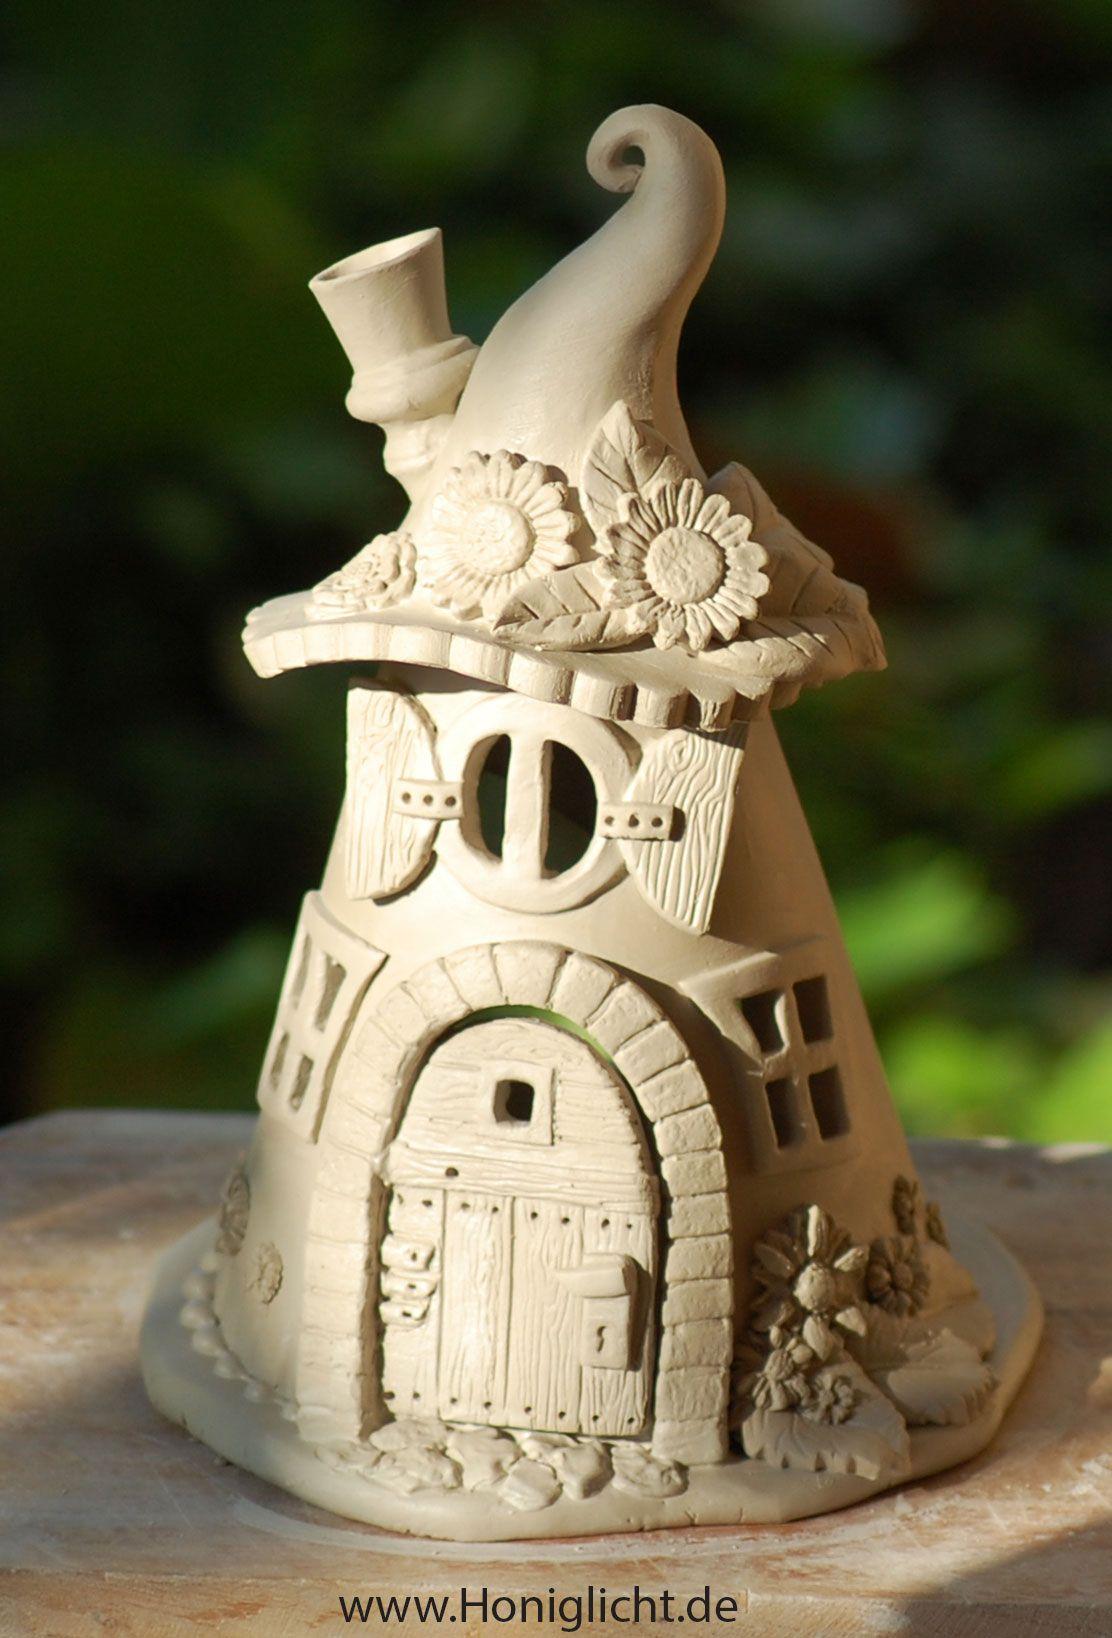 elfenhaus aus ton ungebrannt keramik pinterest haus zwergen haus und keramik. Black Bedroom Furniture Sets. Home Design Ideas